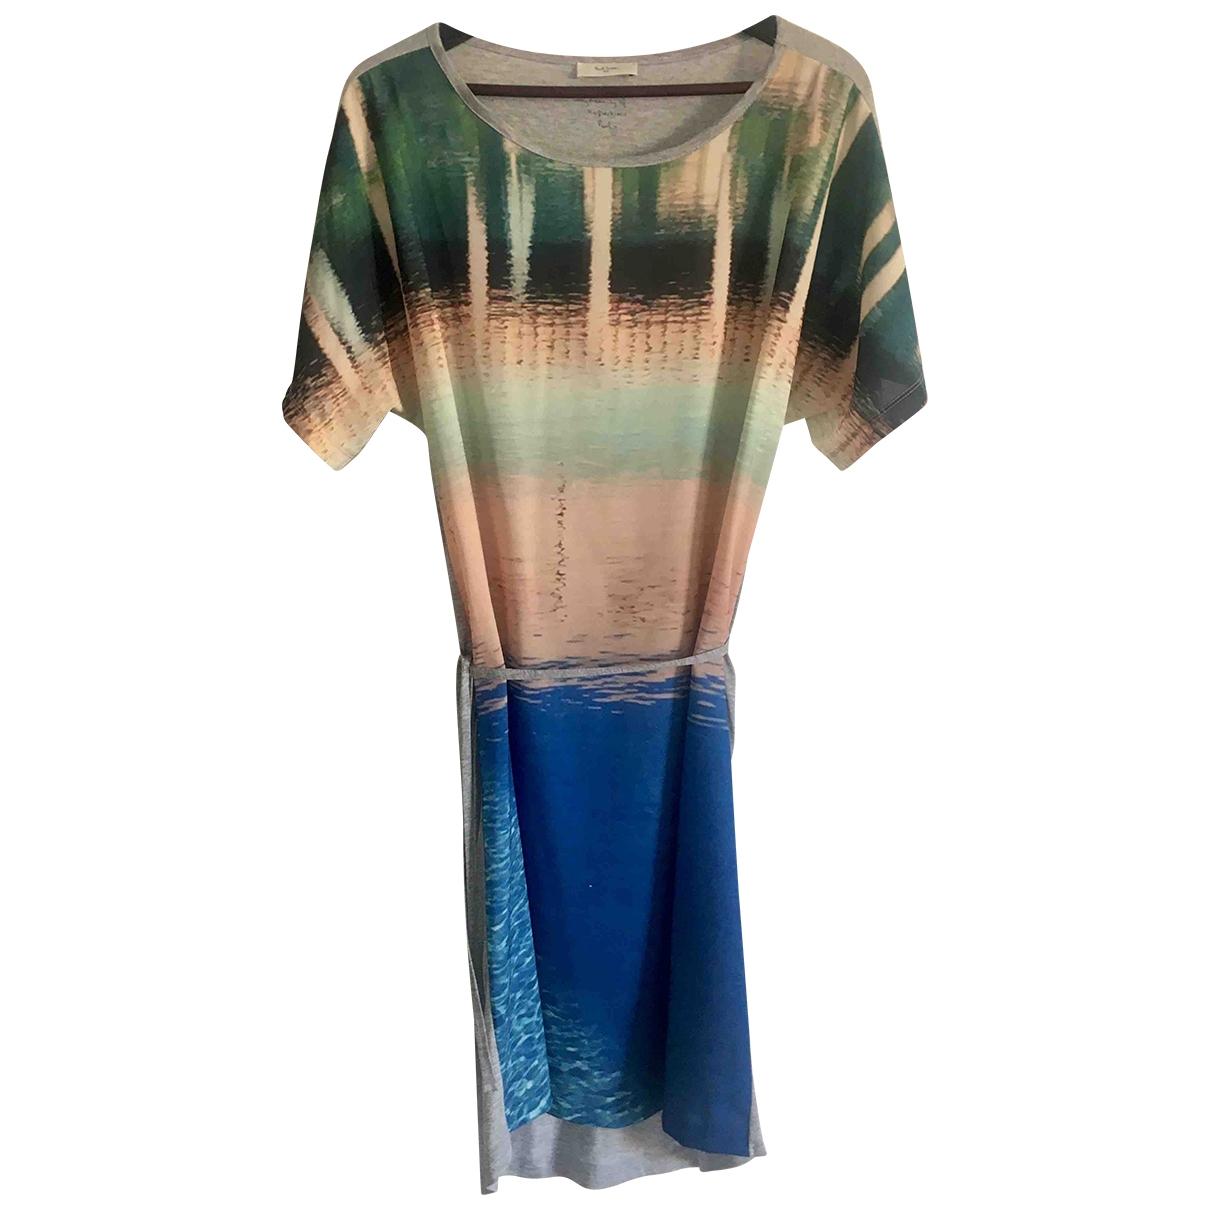 Paul Smith \N Kleid in  Blau Polyester